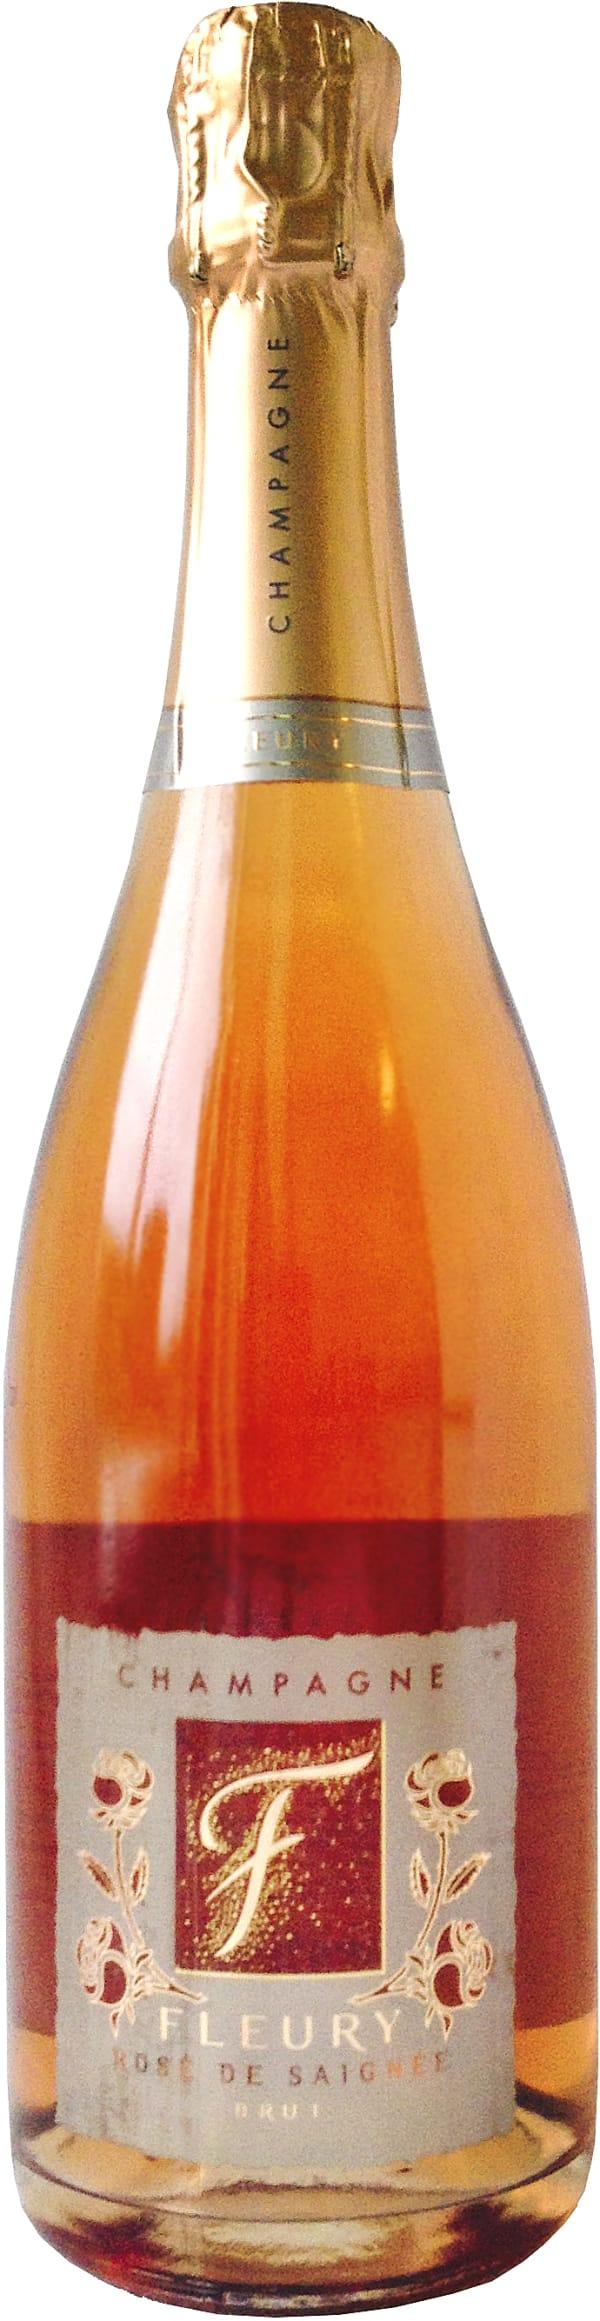 Fleury Rosé de Saignée Champagne Brut